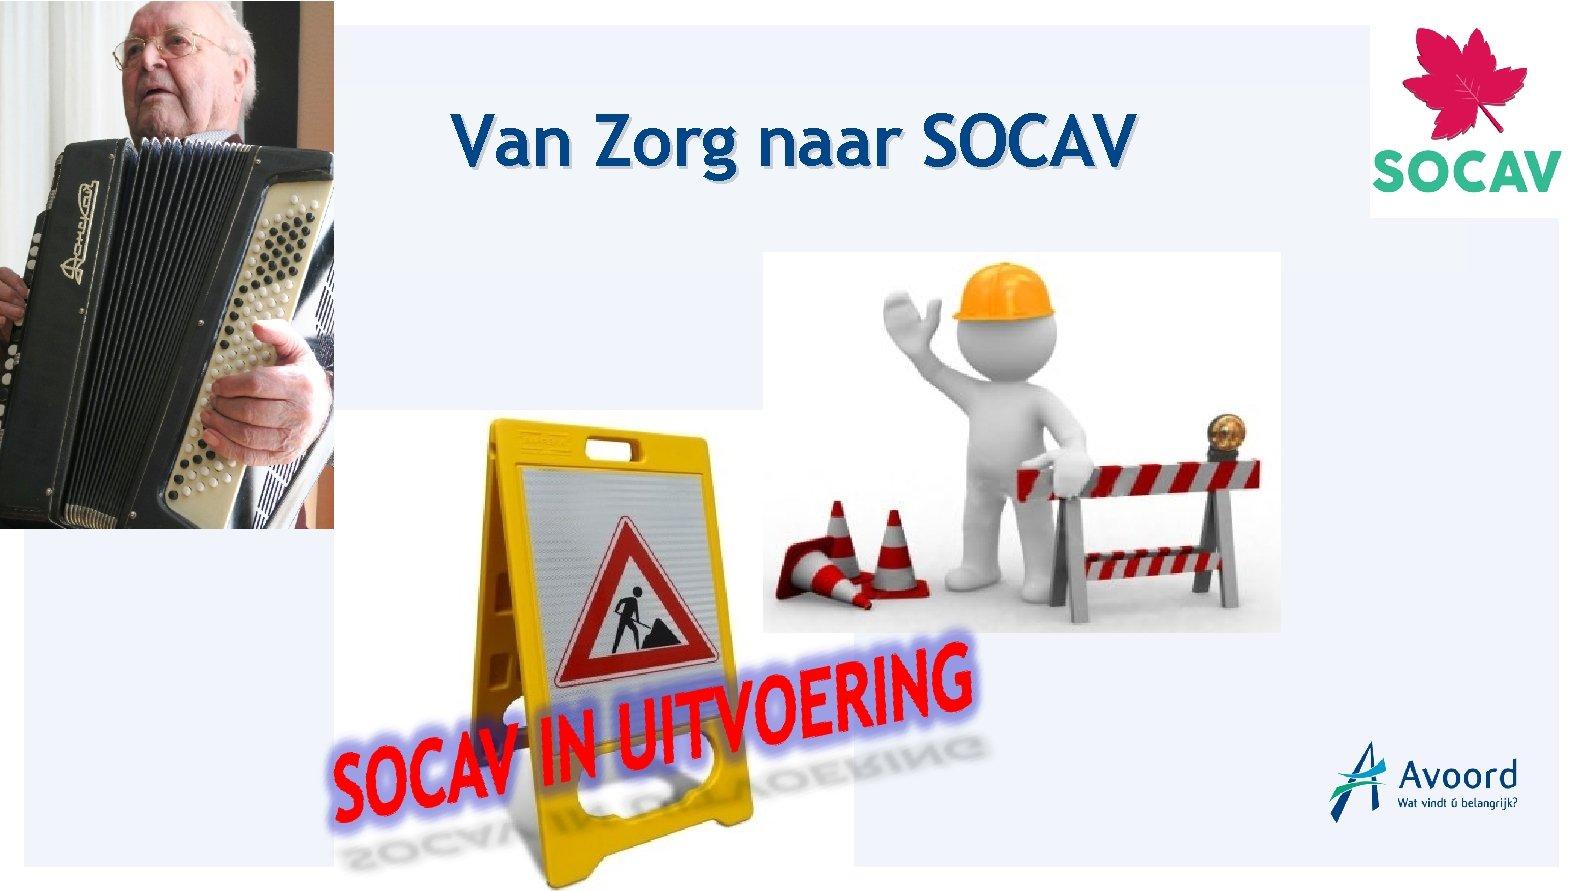 Van Zorg naar SOCAV